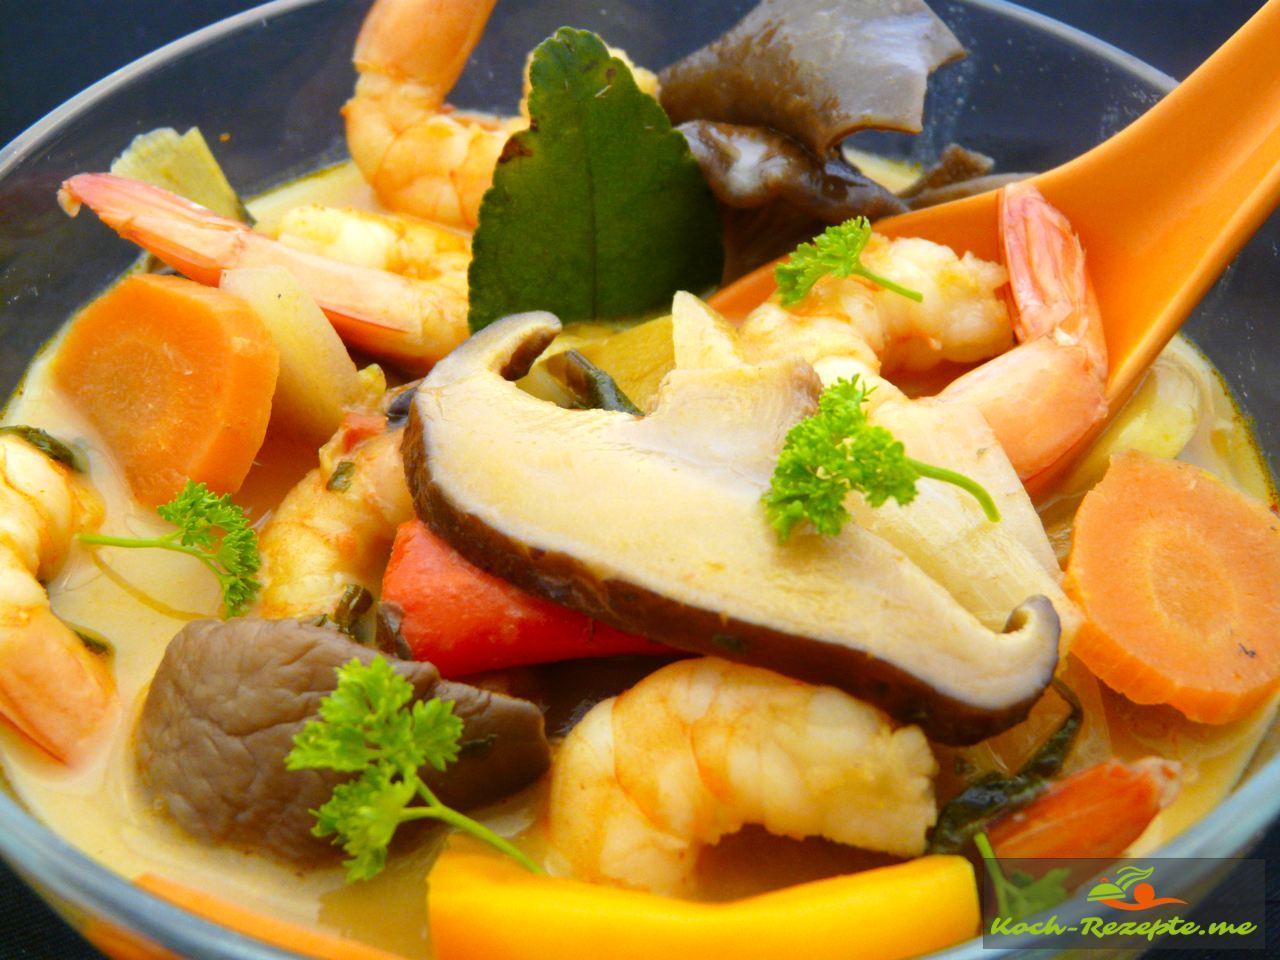 Tom Yam Gung mit Garnelen, Pilzen und Gemüse